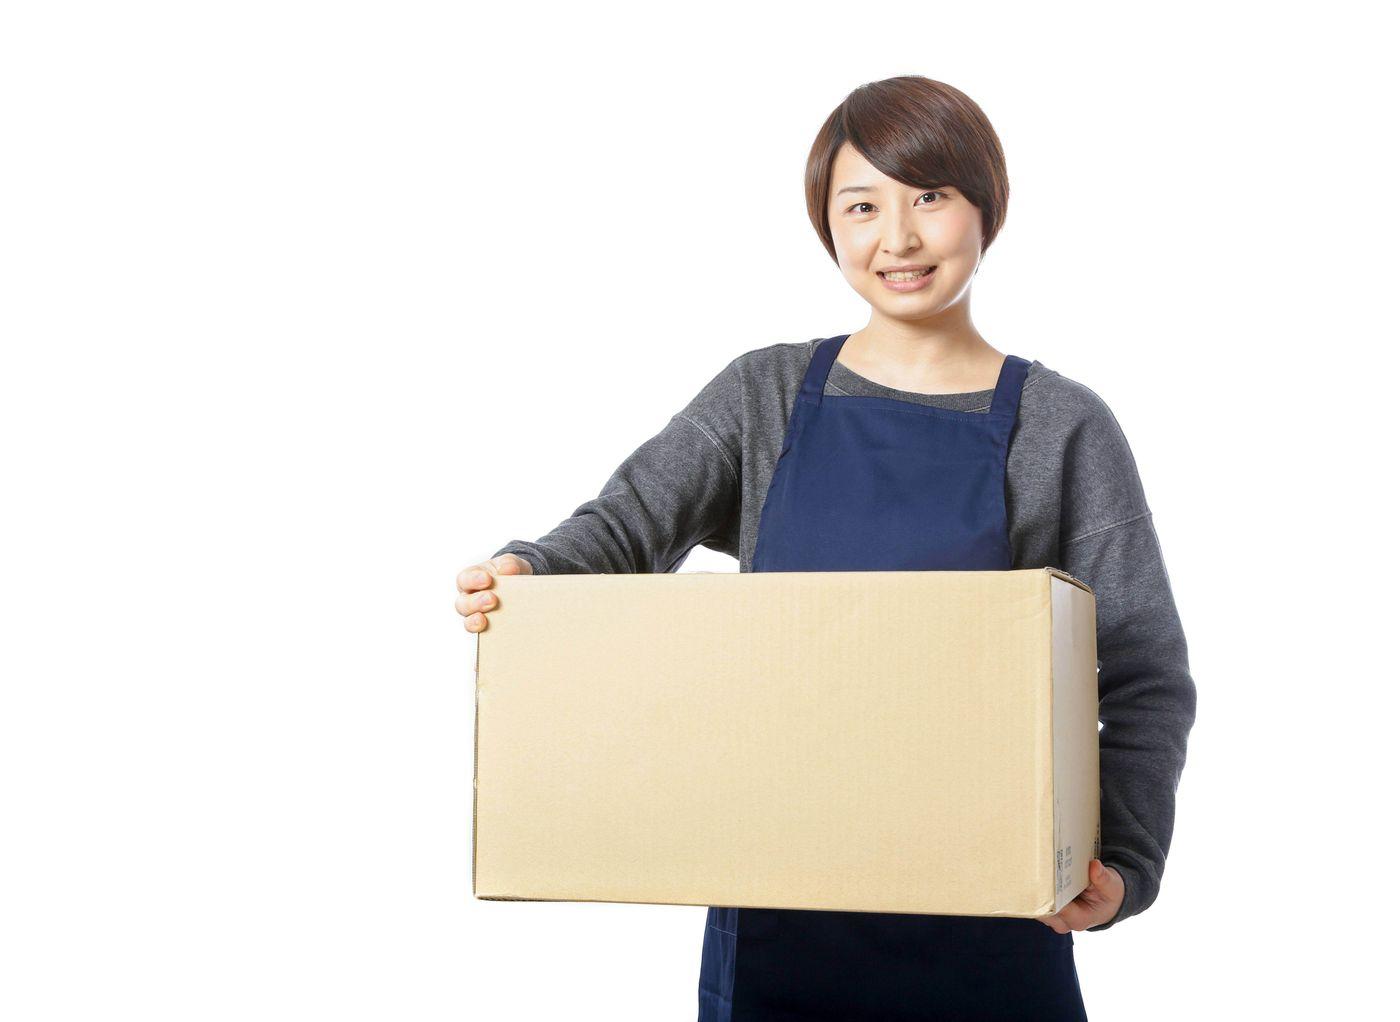 受け取りのサインを要求する宅配員の写真